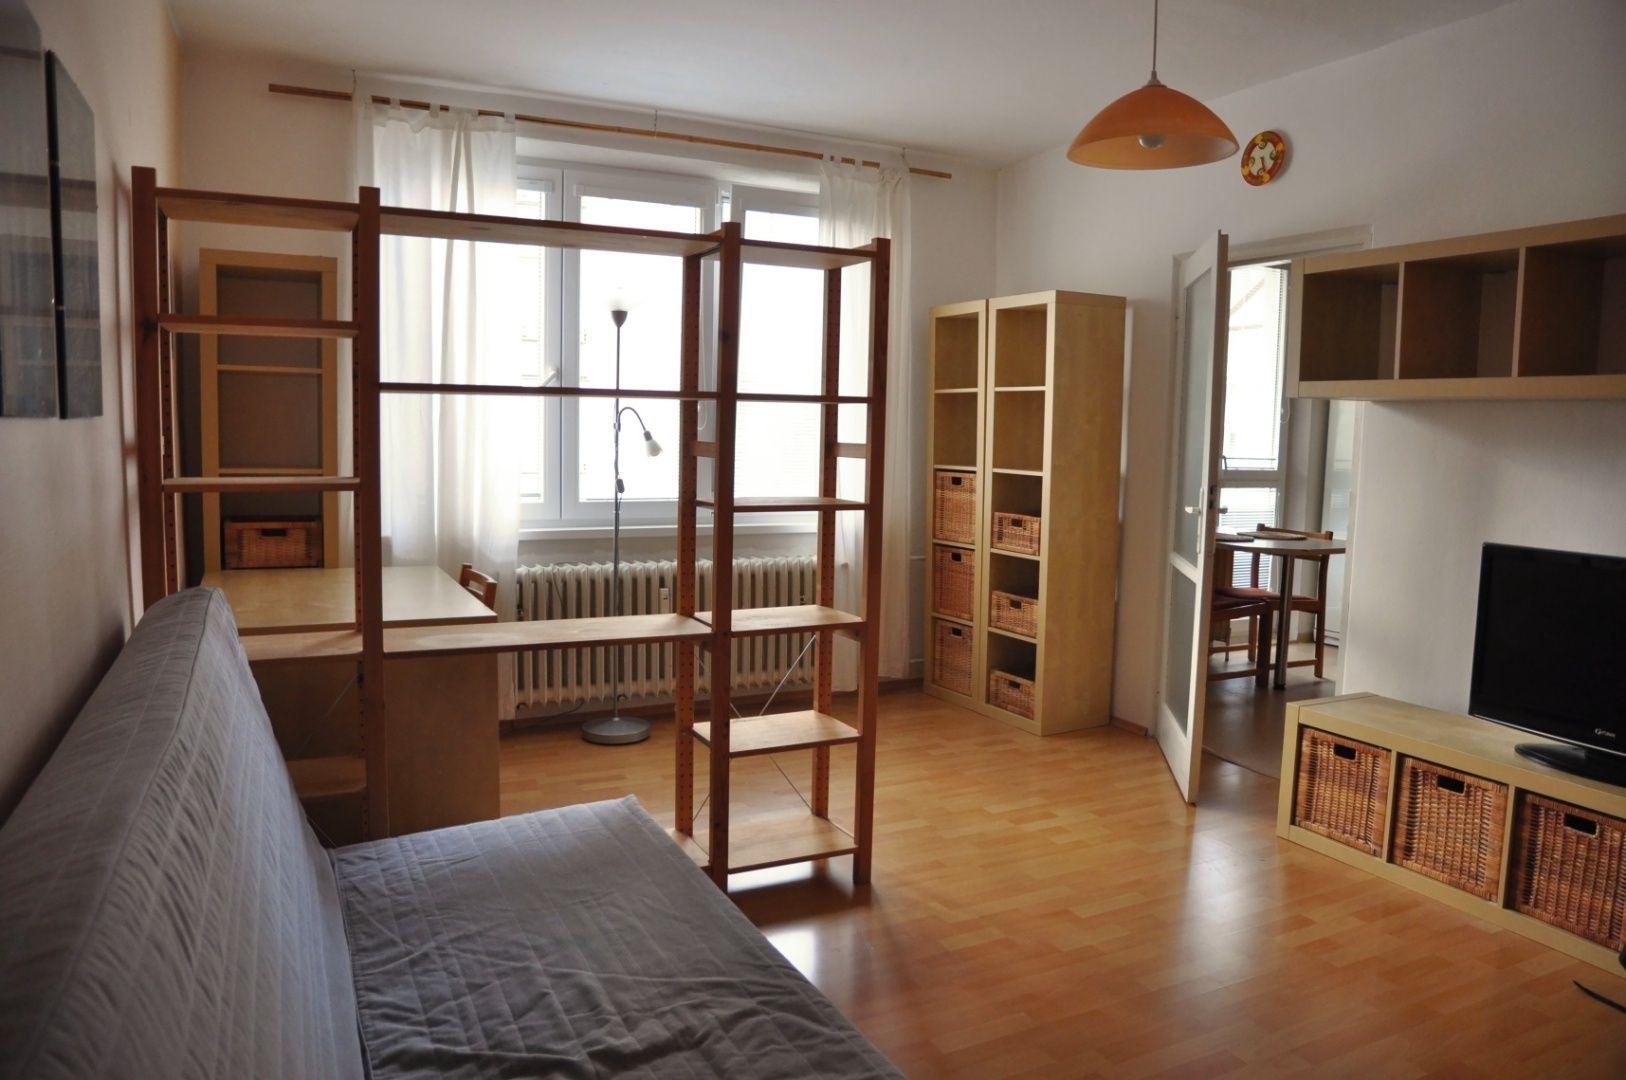 2-izbový byt-Prenájom-Bratislava - mestská časť Nové Mesto-600.00 €